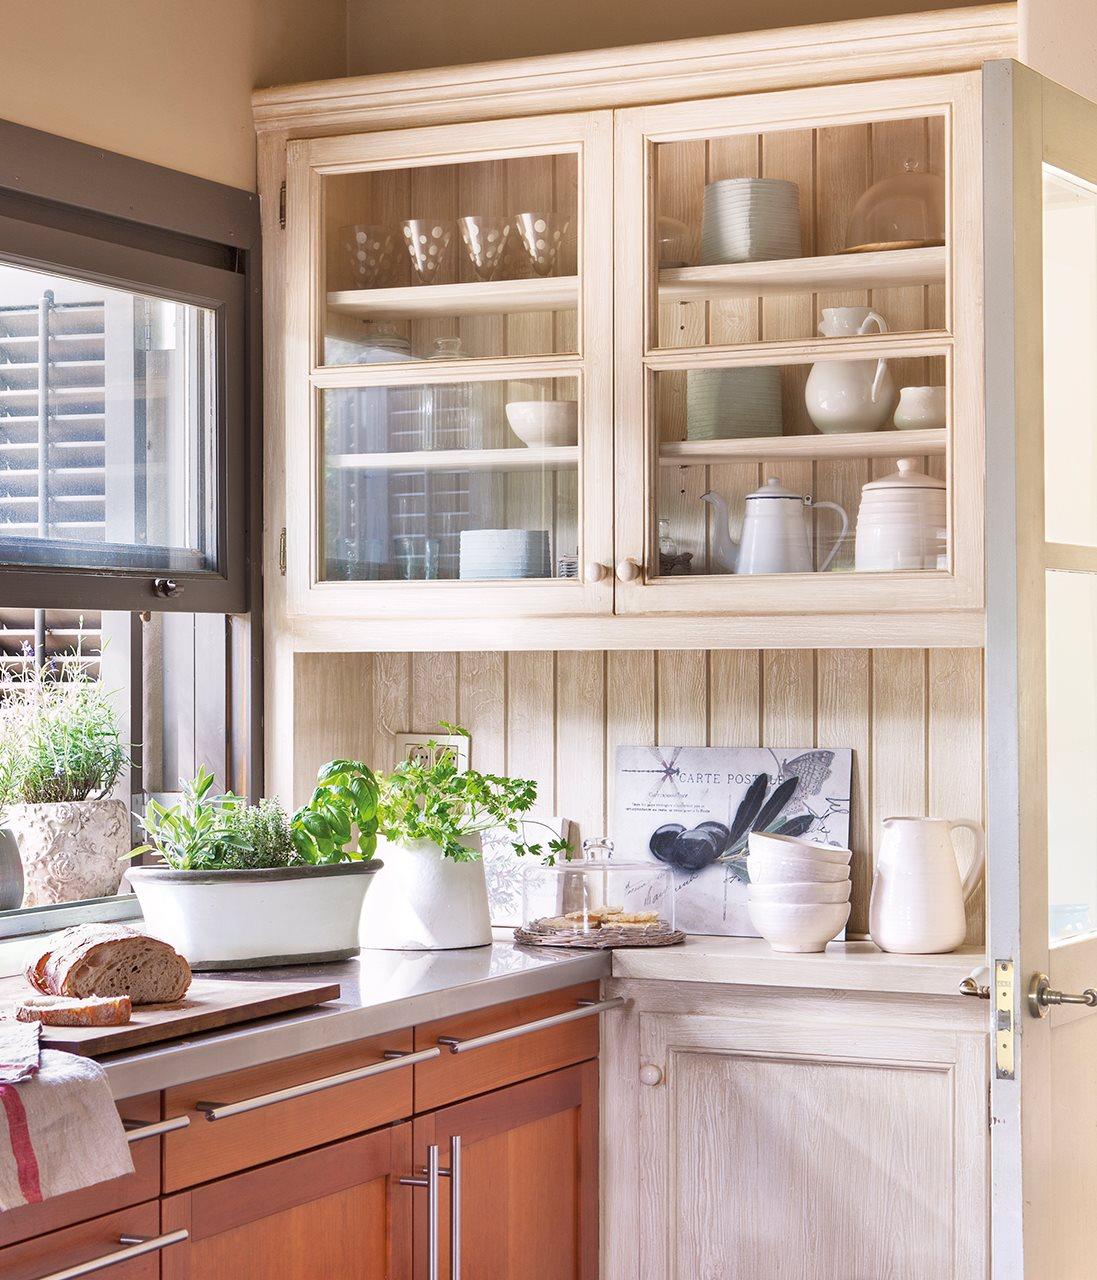 Trucos para organizar la cocina for Alacenas de cocina